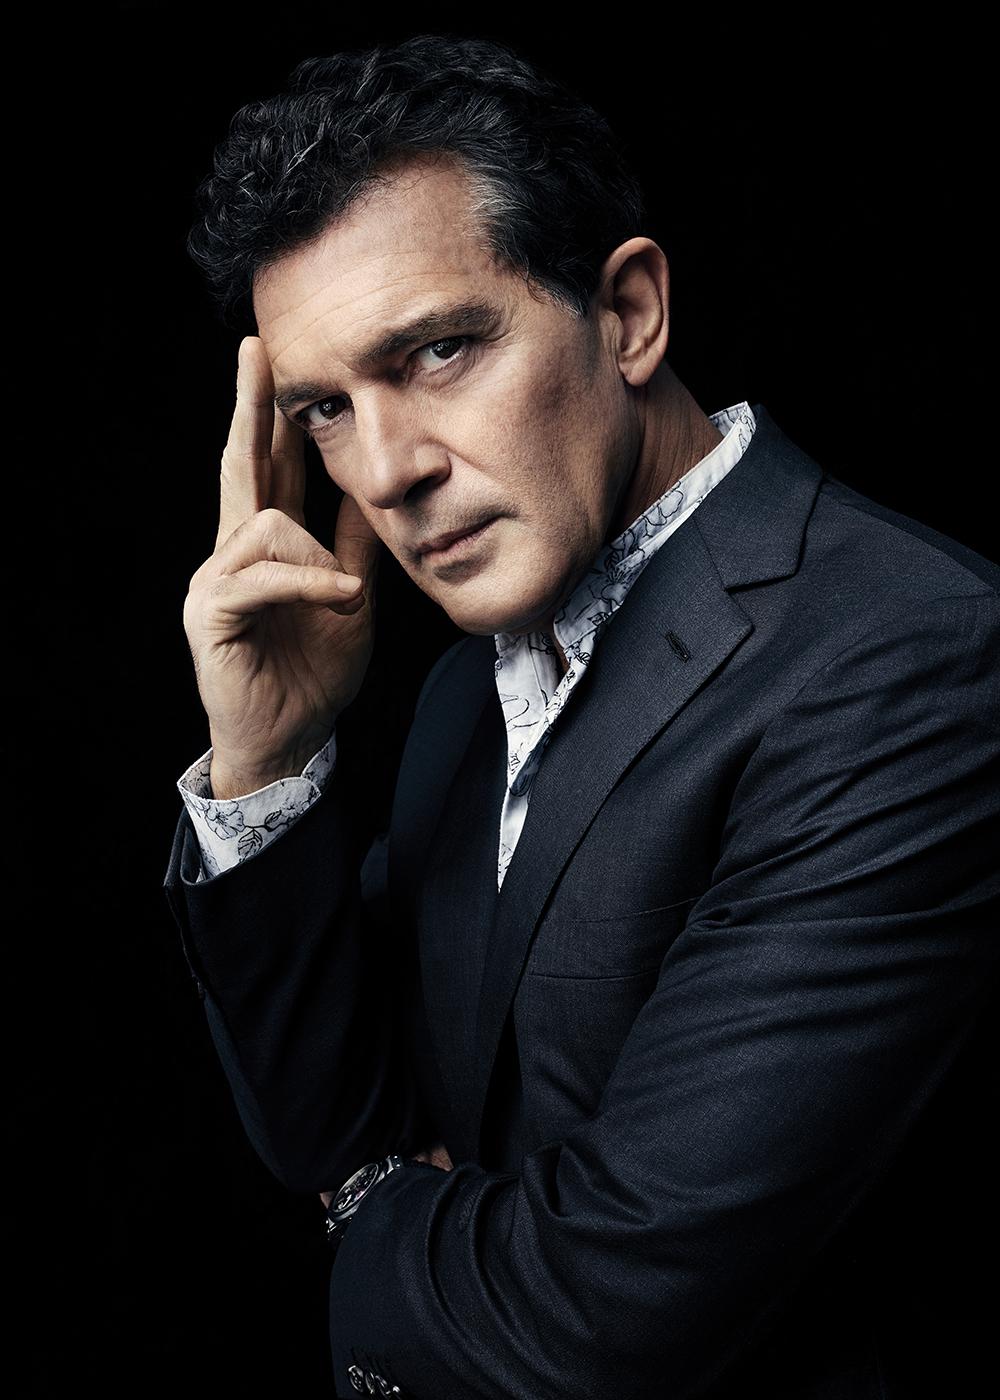 Antonio Banderas Variety Actors on Actors